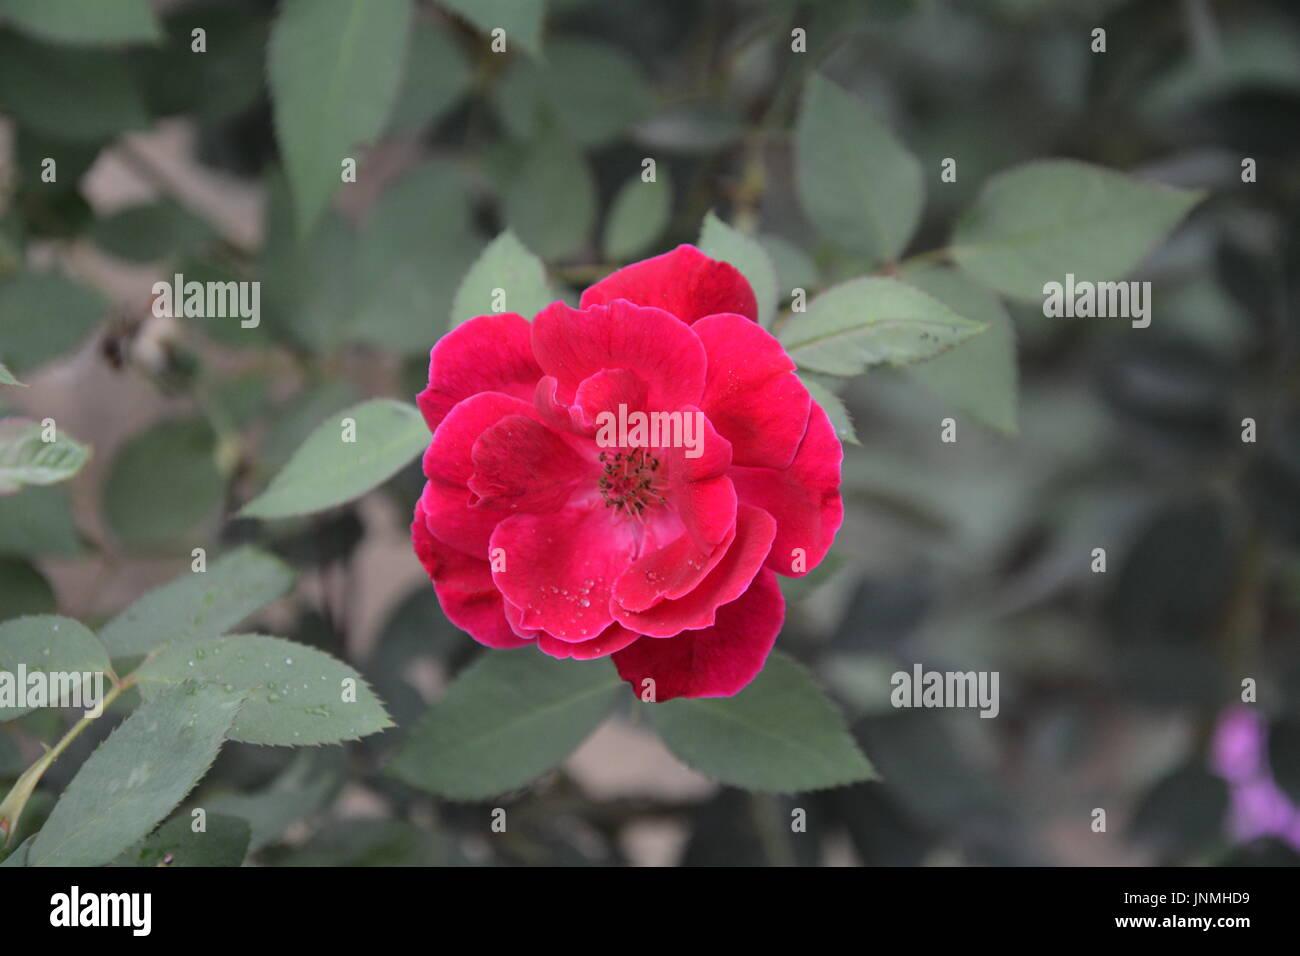 La foto è del mio giardino. Rose una regina di bellezza che hanno tutti gli amanti delle anime.La rosa che racconta la dentro la bellezza di ogni persona. Rosa rosa. Immagini Stock